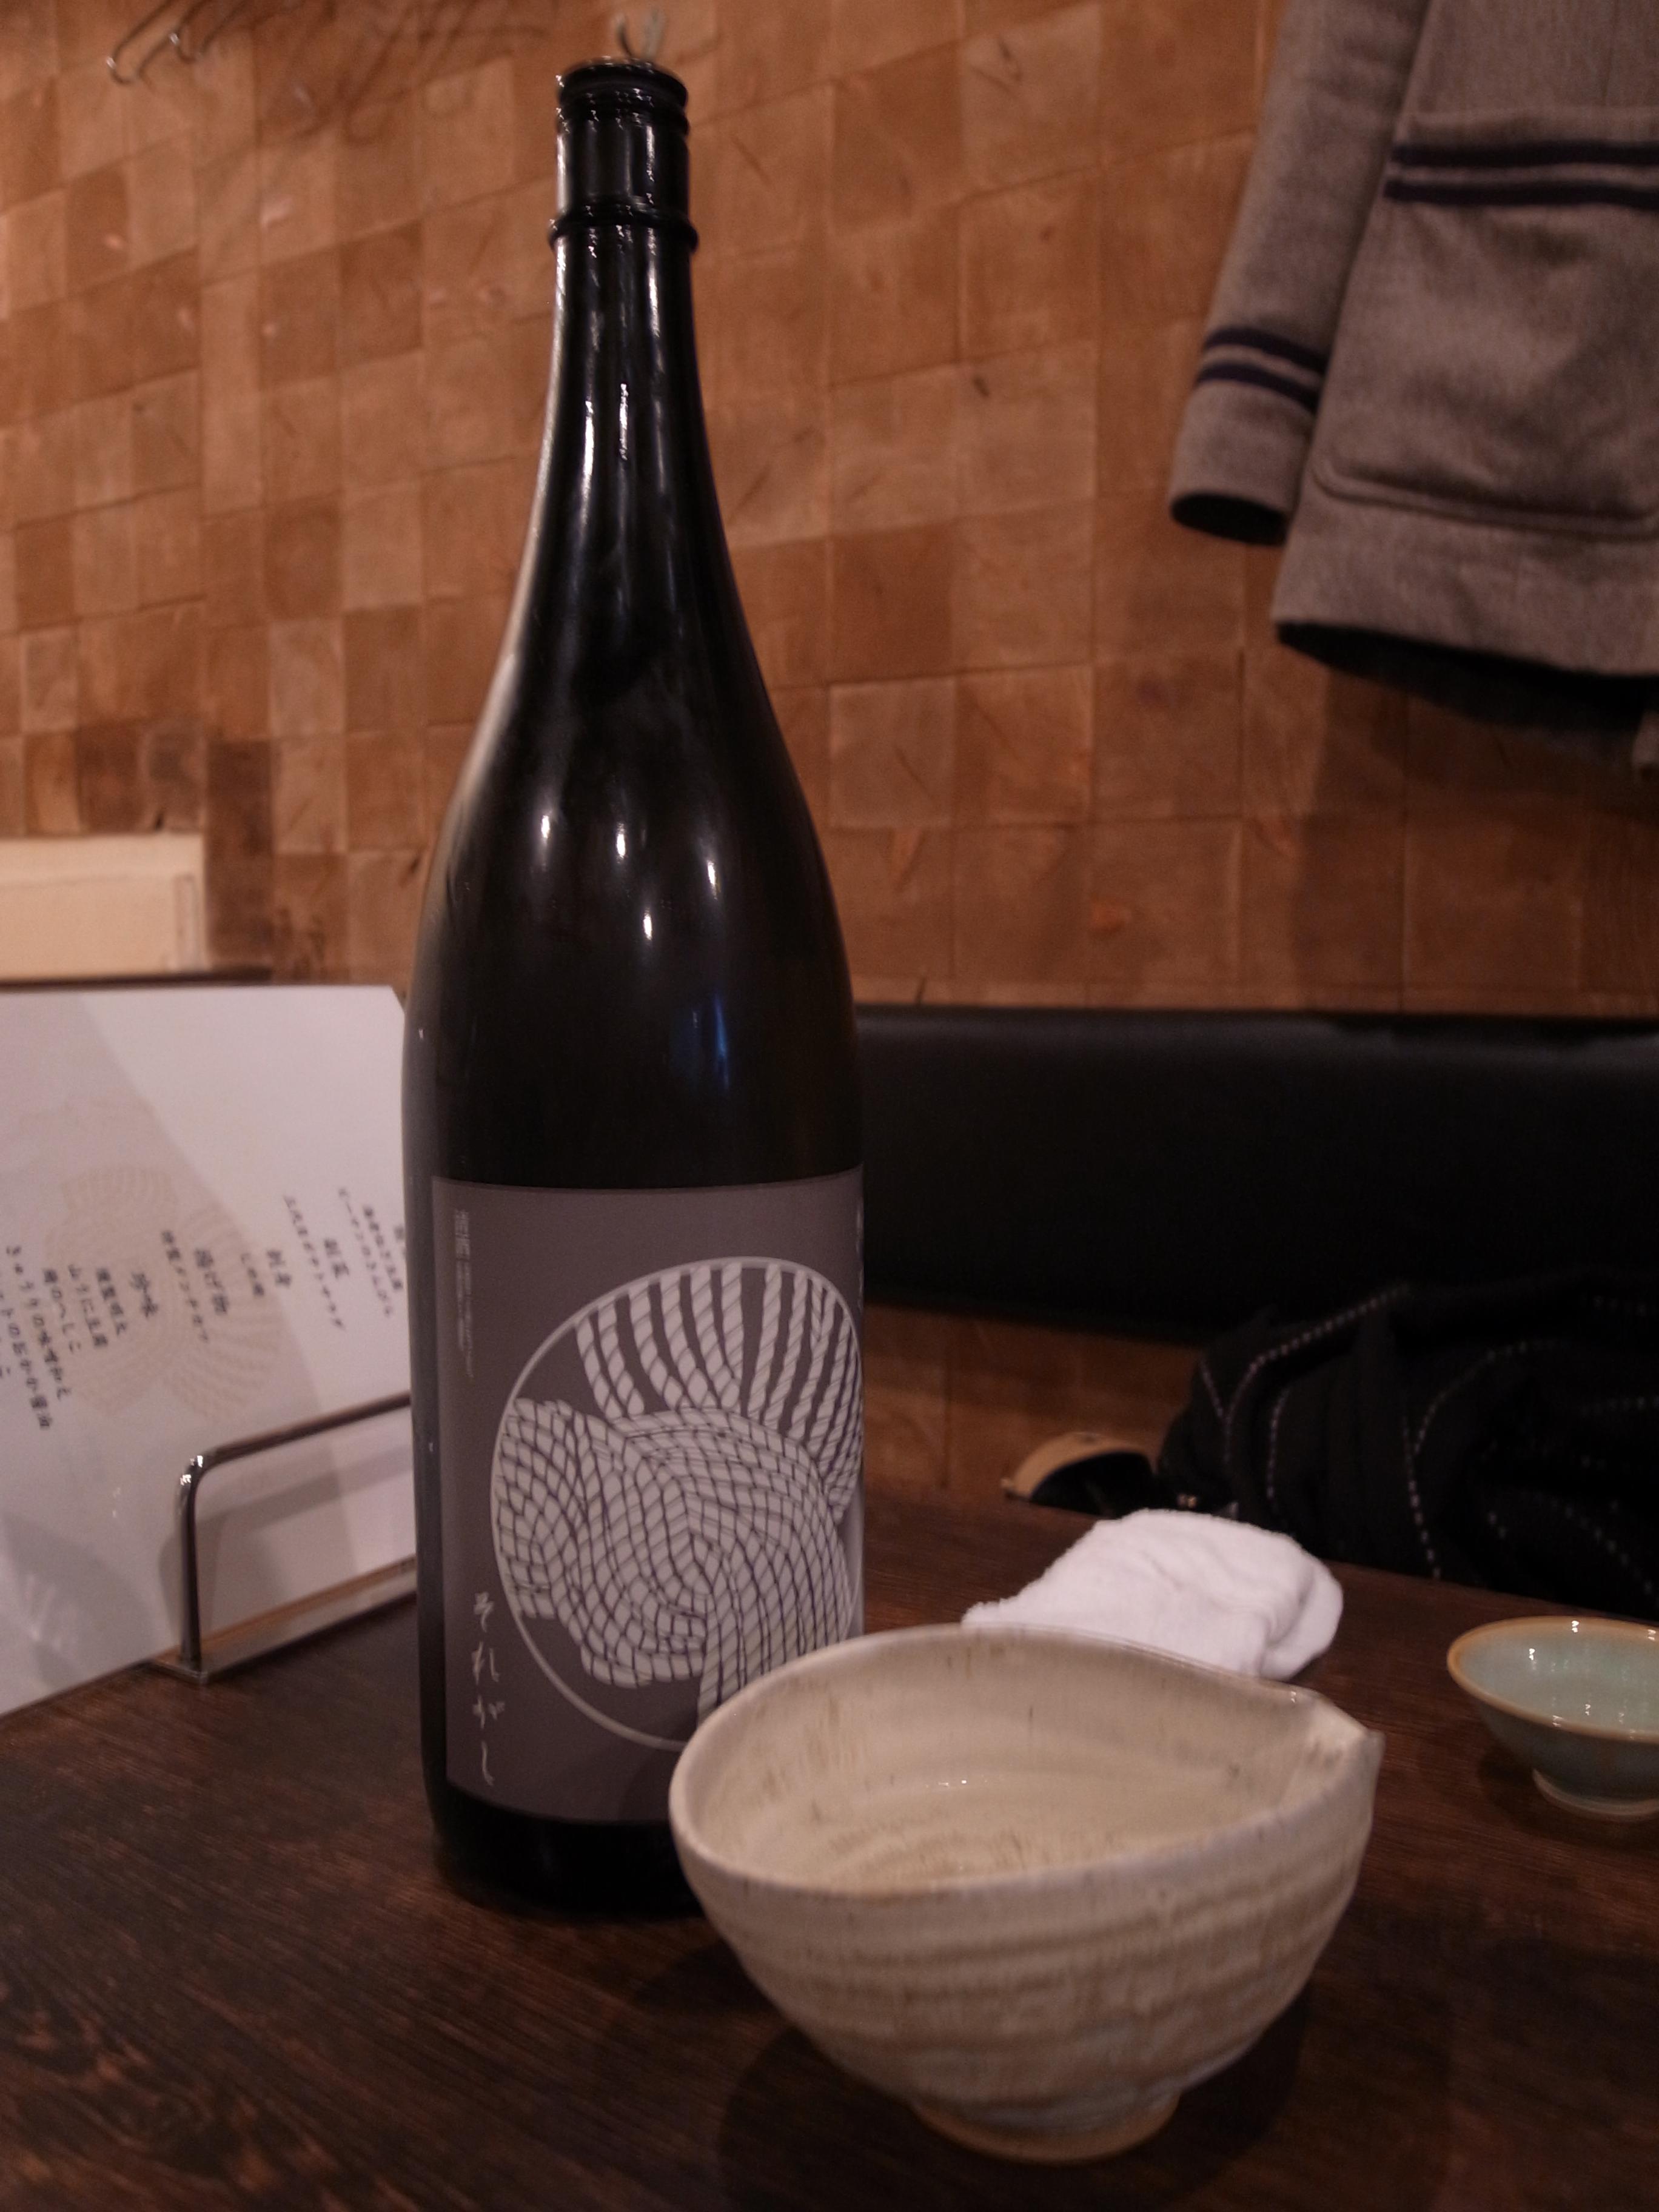 山手線沿いの日本酒がおいしい居酒屋:五反田「酒場それがし」 (5)